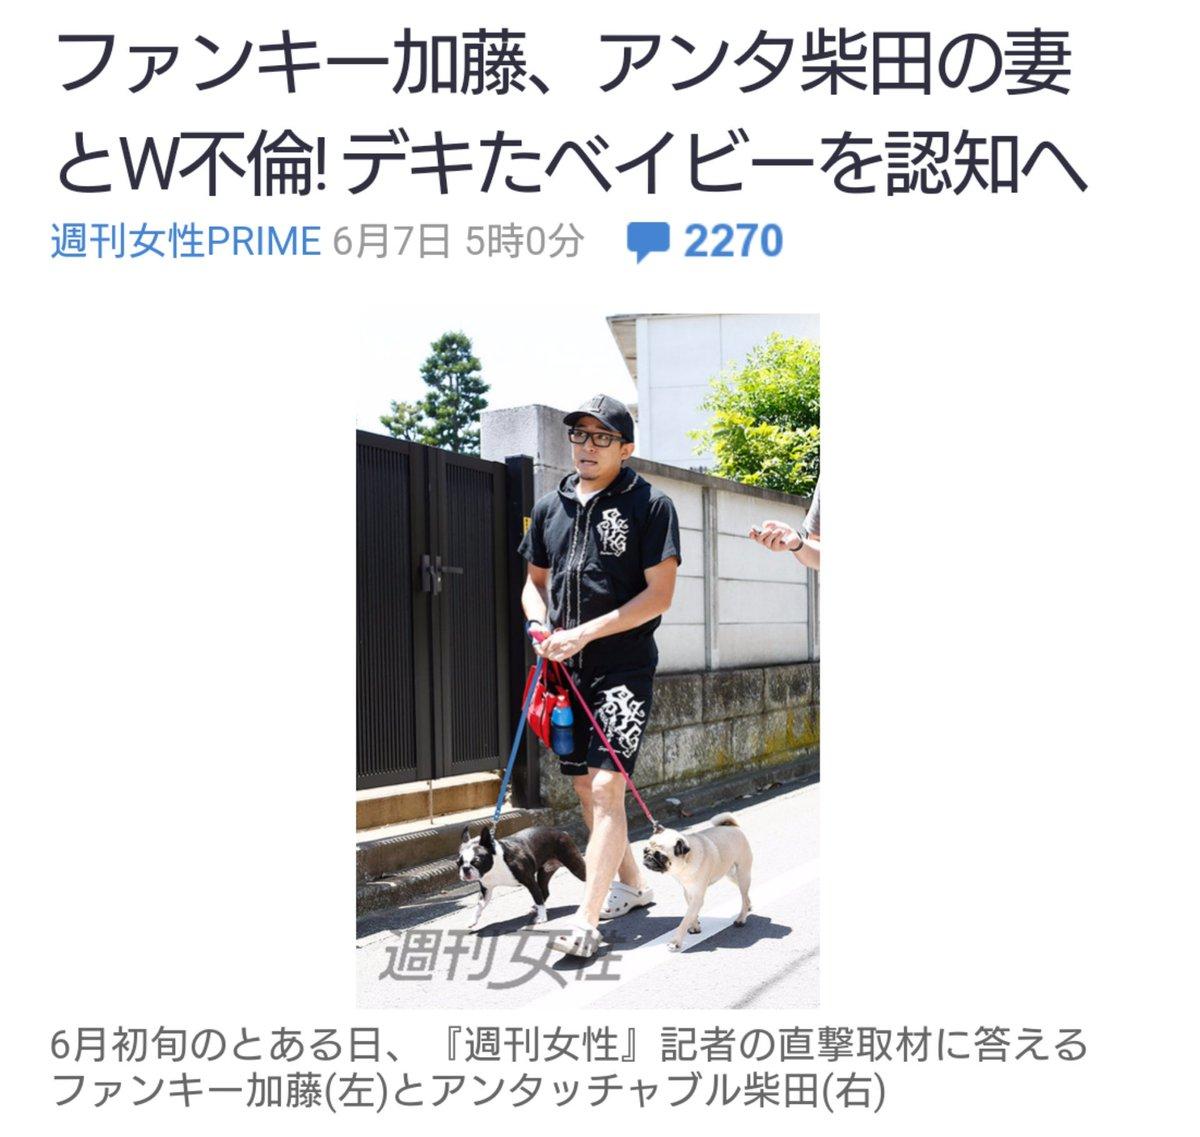 柴田 ファン モン